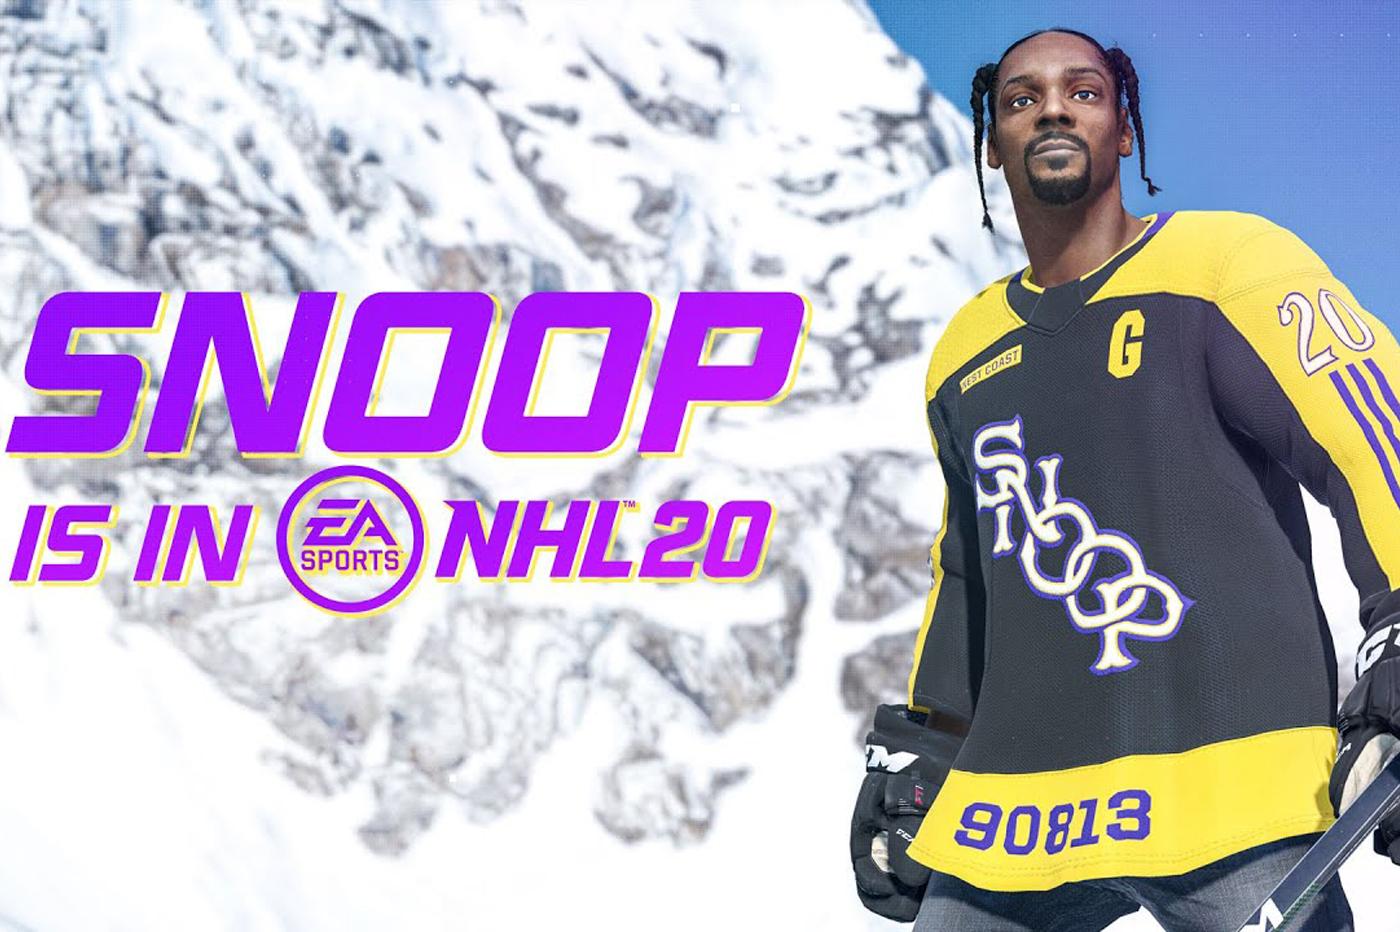 Le jeu NHL 2020 permet désormais de jouer avec… Snoop Dogg